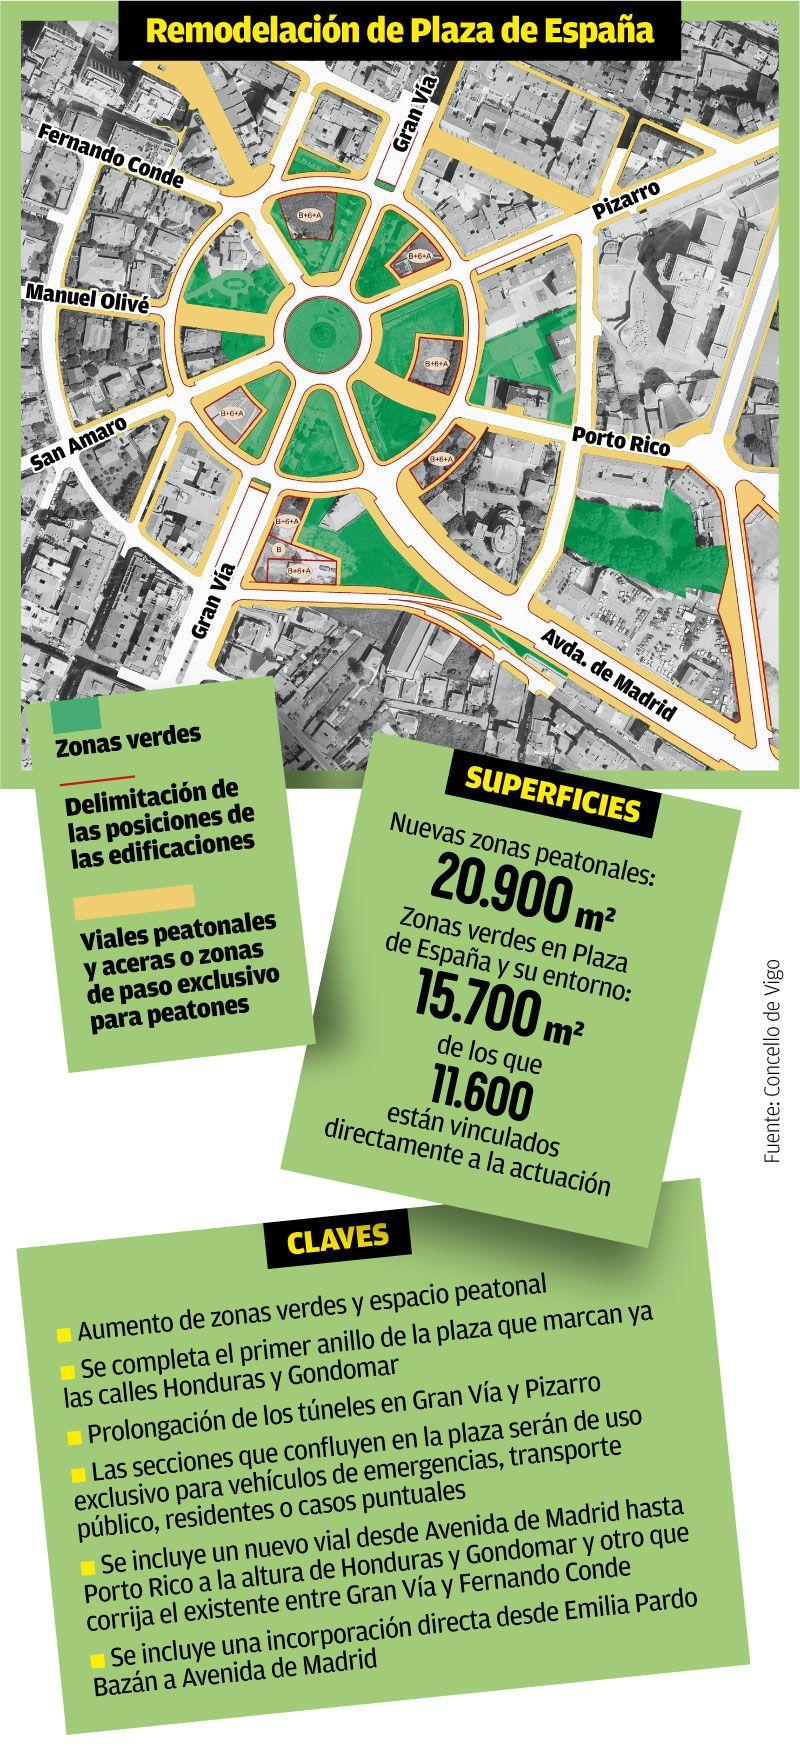 Remodelación de Praza de España.